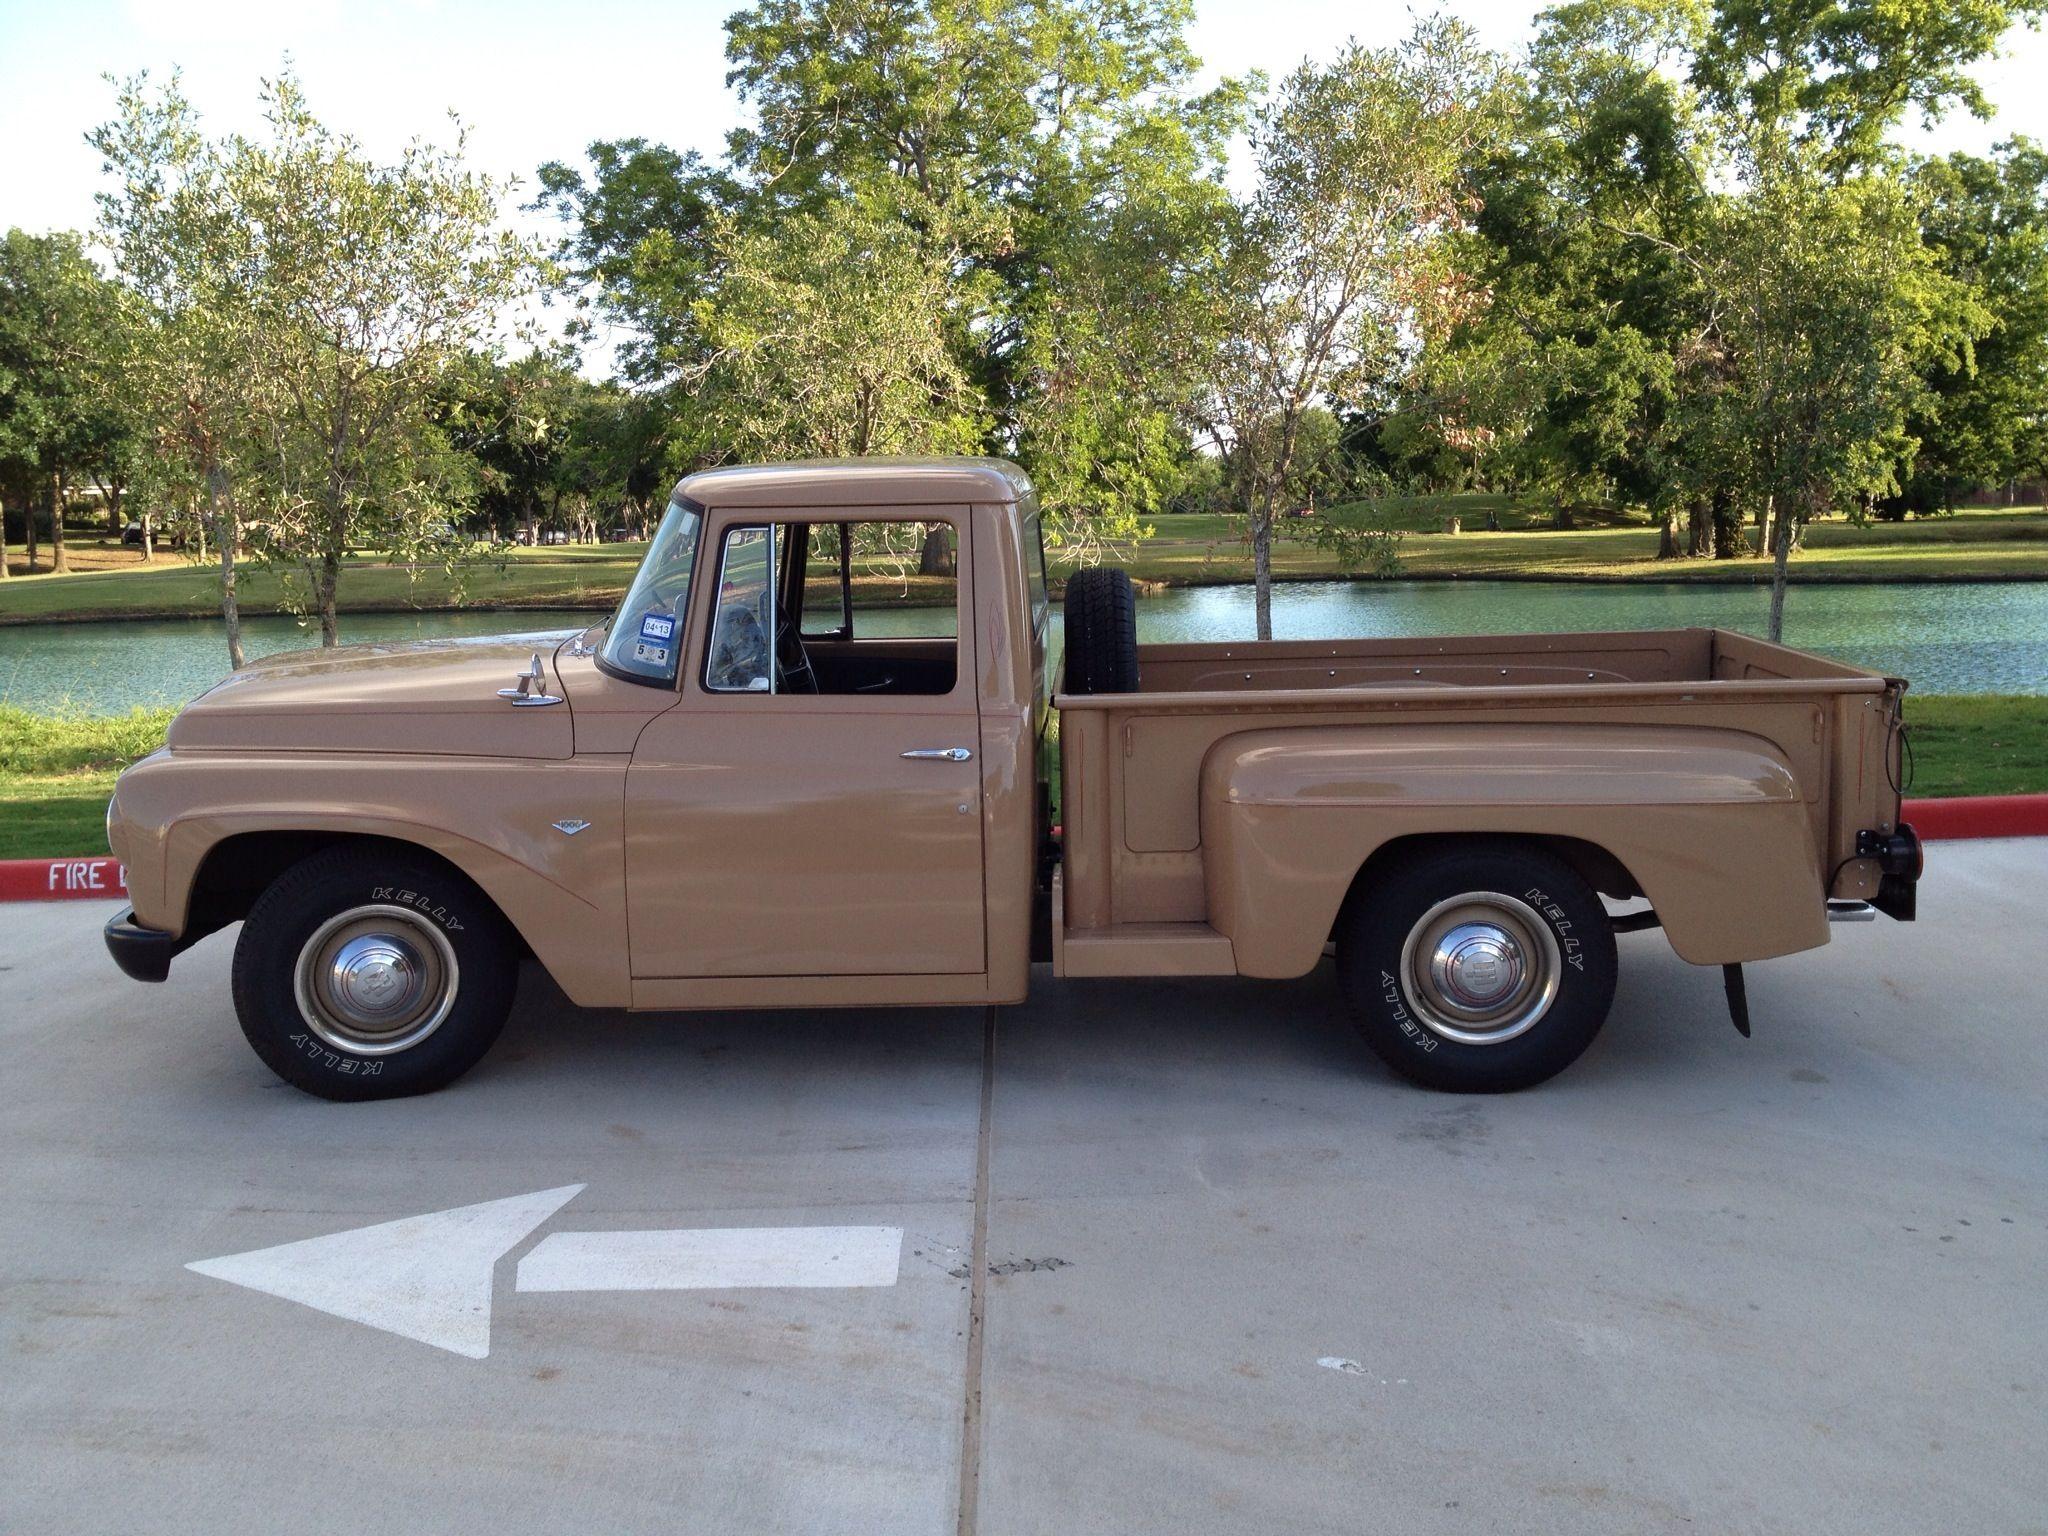 1970 international harvester scout harvester international sr2 - 1963 International Pickup Classic Trucksinternational Harvestercar